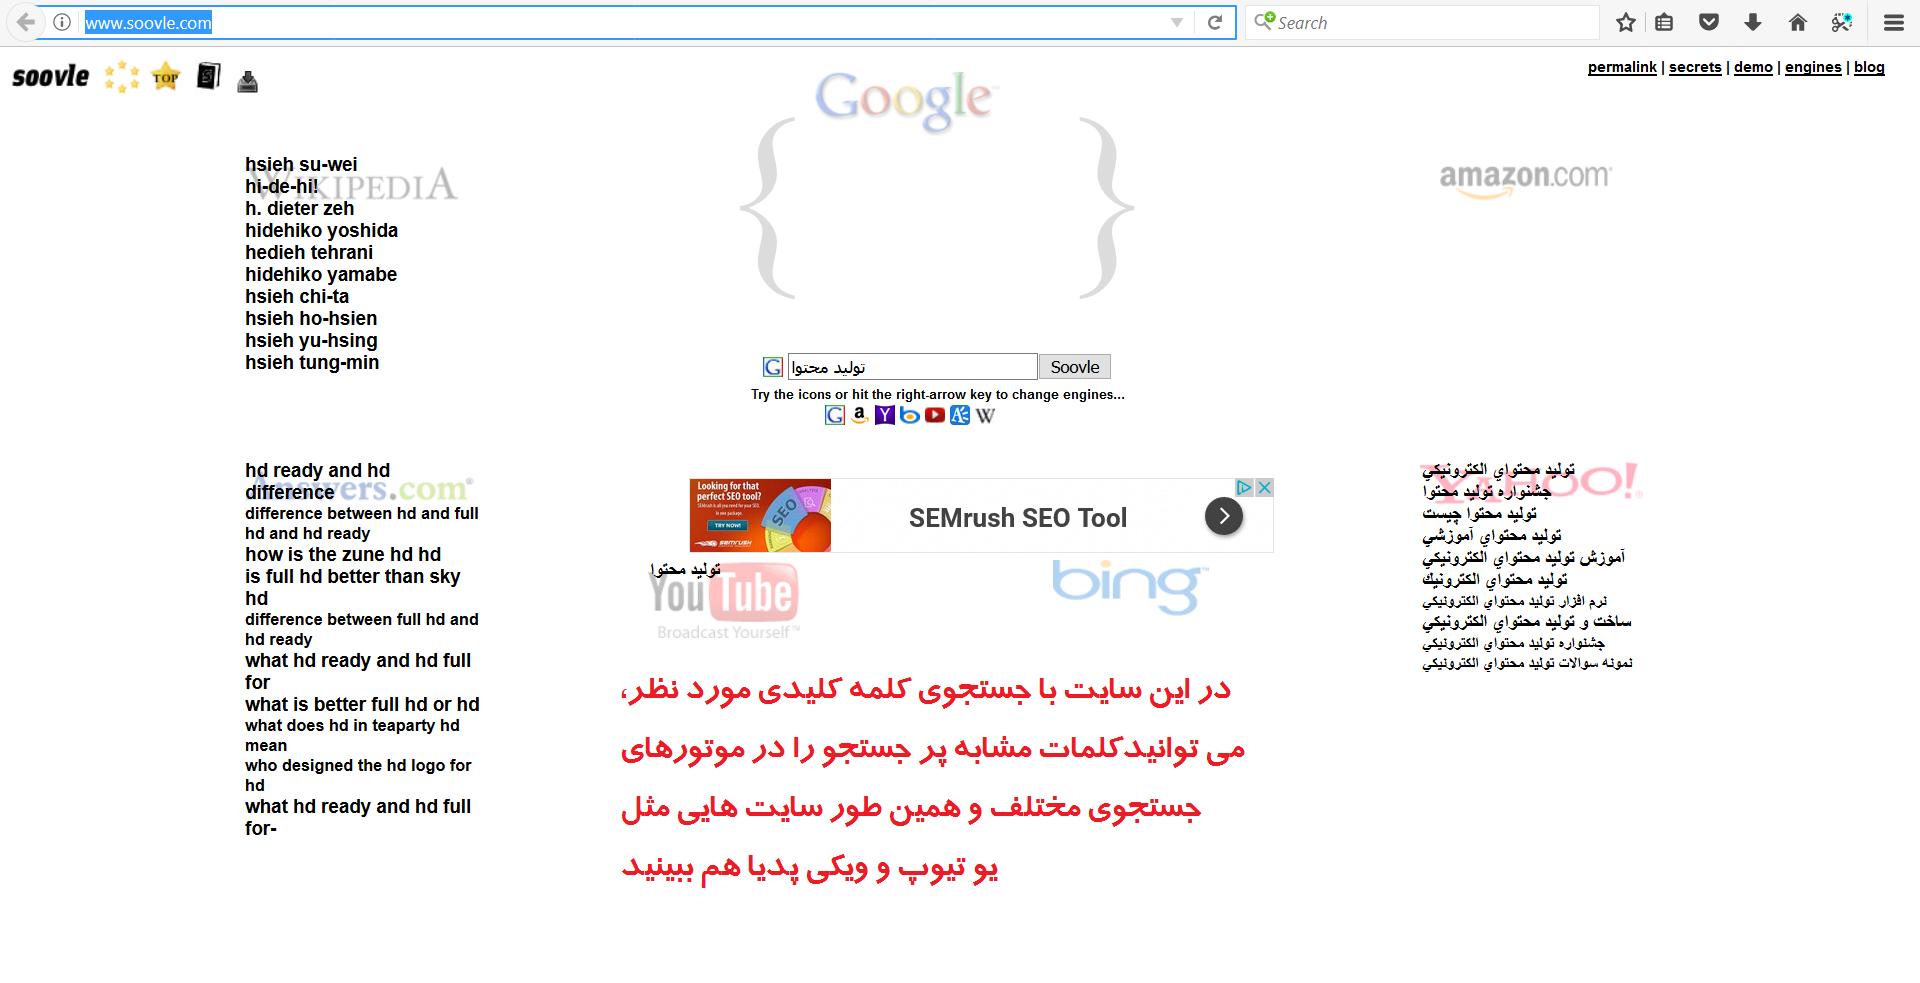 معرفی سایت برای پیدا کردن کلمات کلیدی و عناوین وبلاگ در تولید محتوا